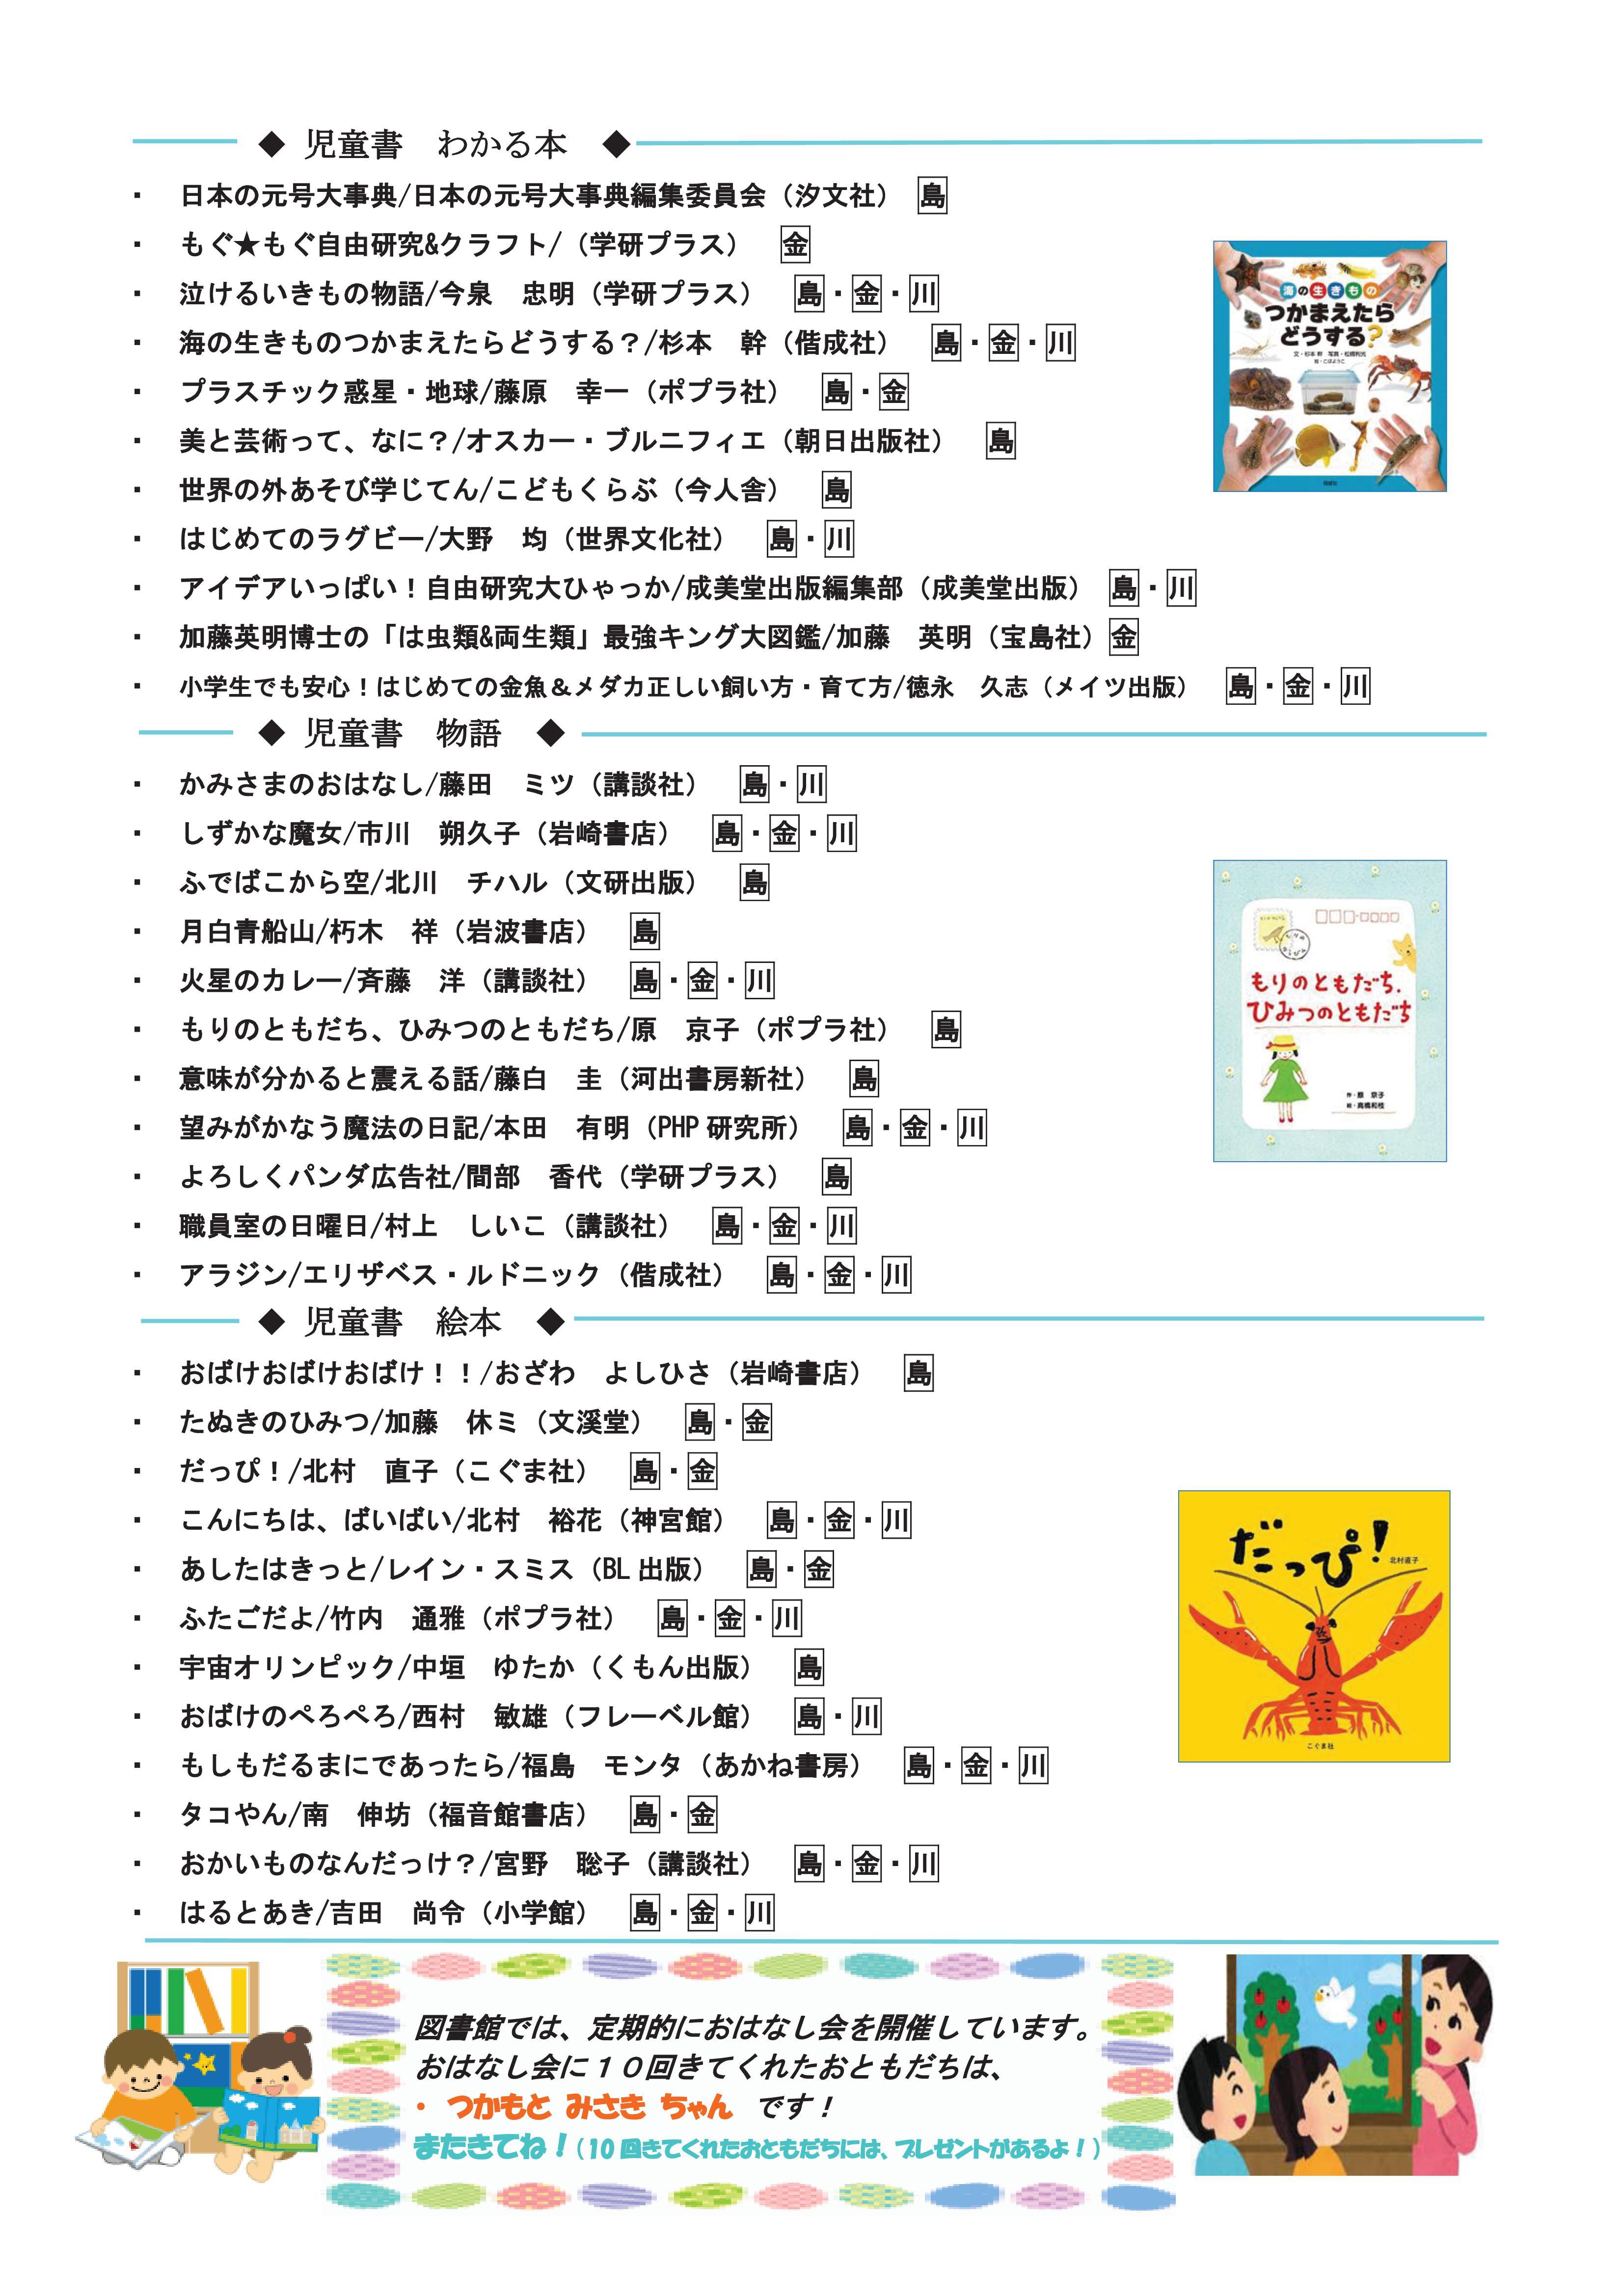 新刊案内令和元年8月号-02